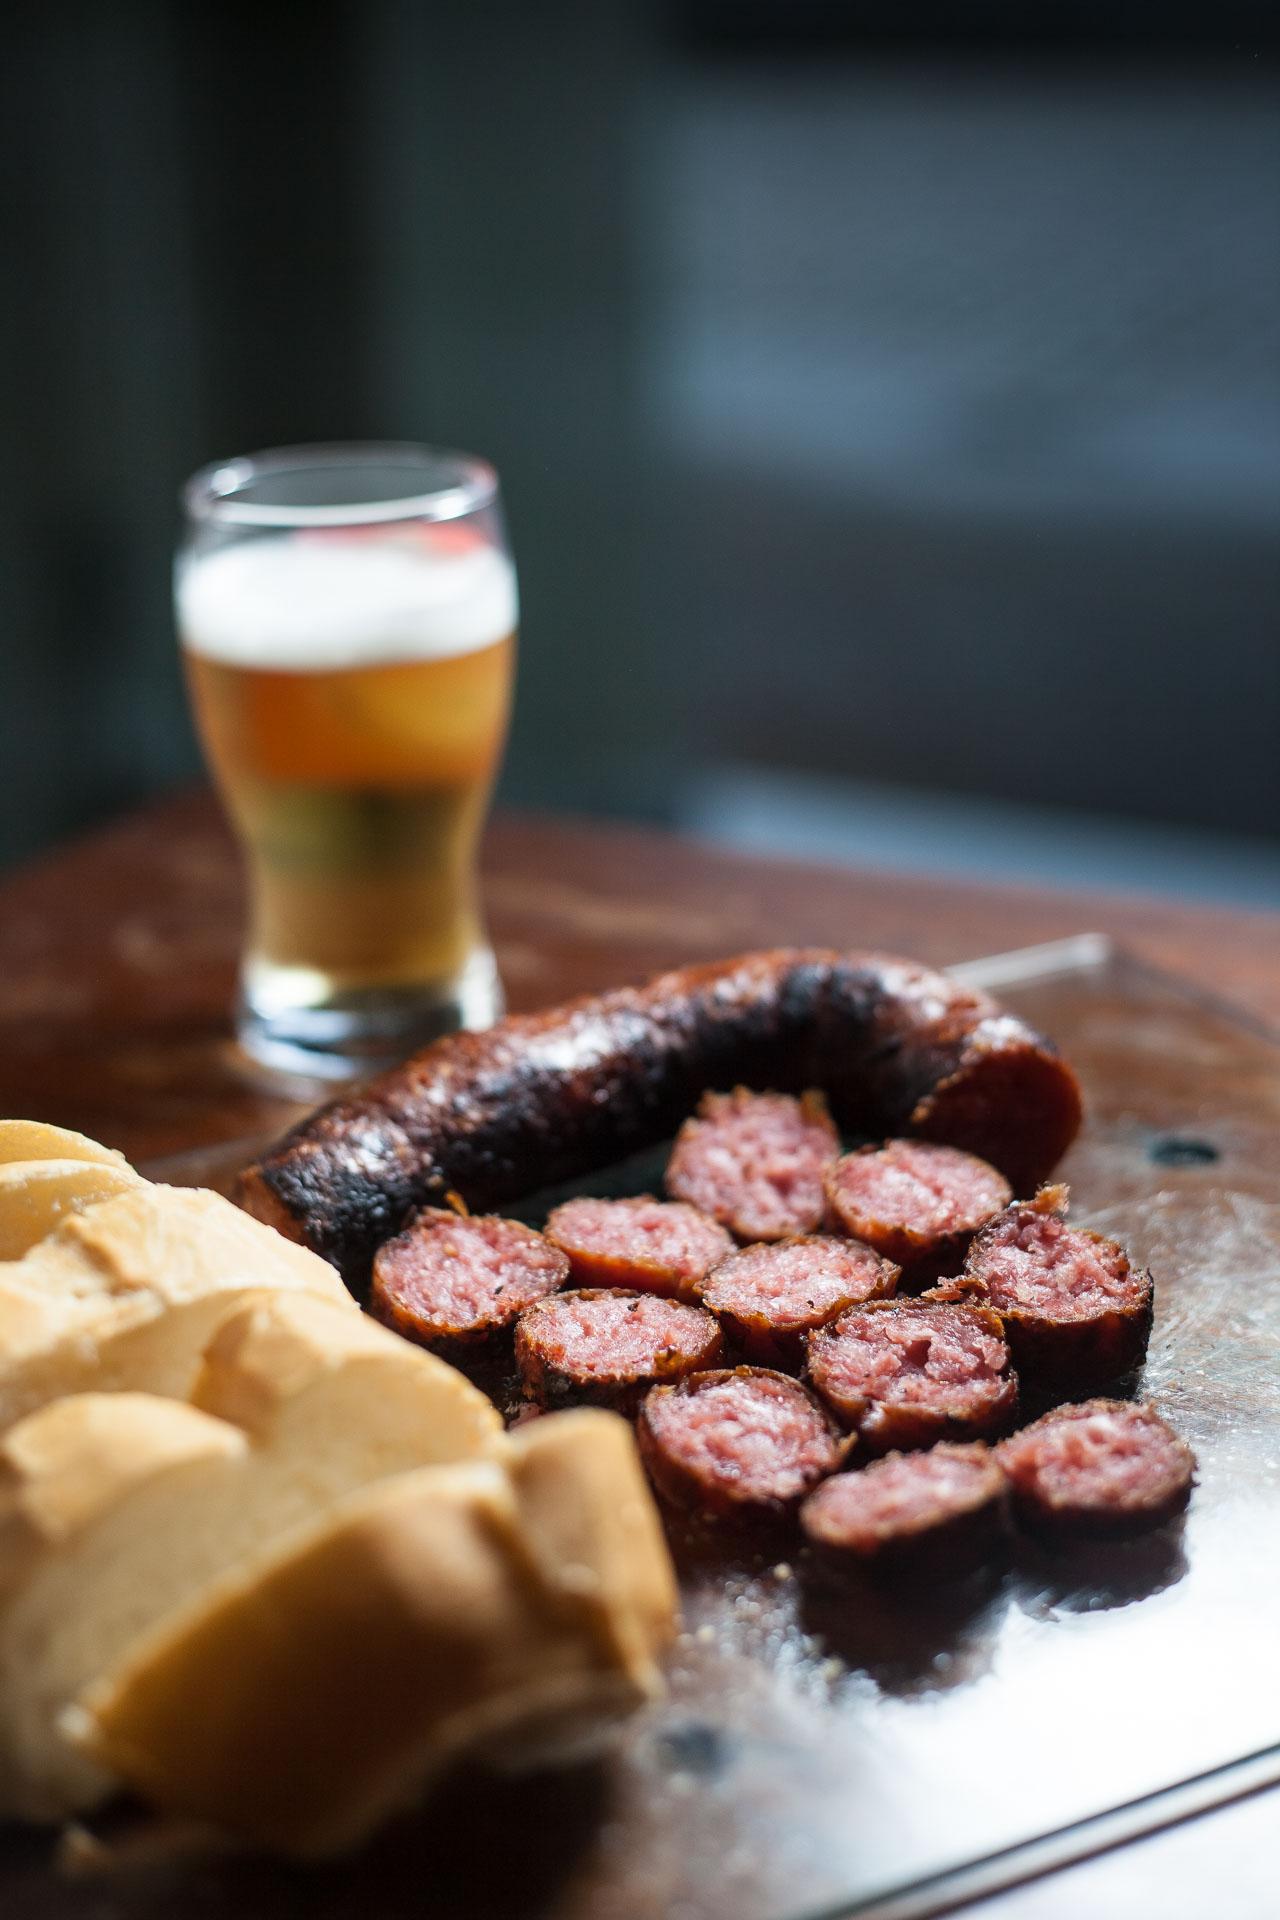 Linguiça Blumenau frita na panela de barro, com pão e cerveja para acompanhar